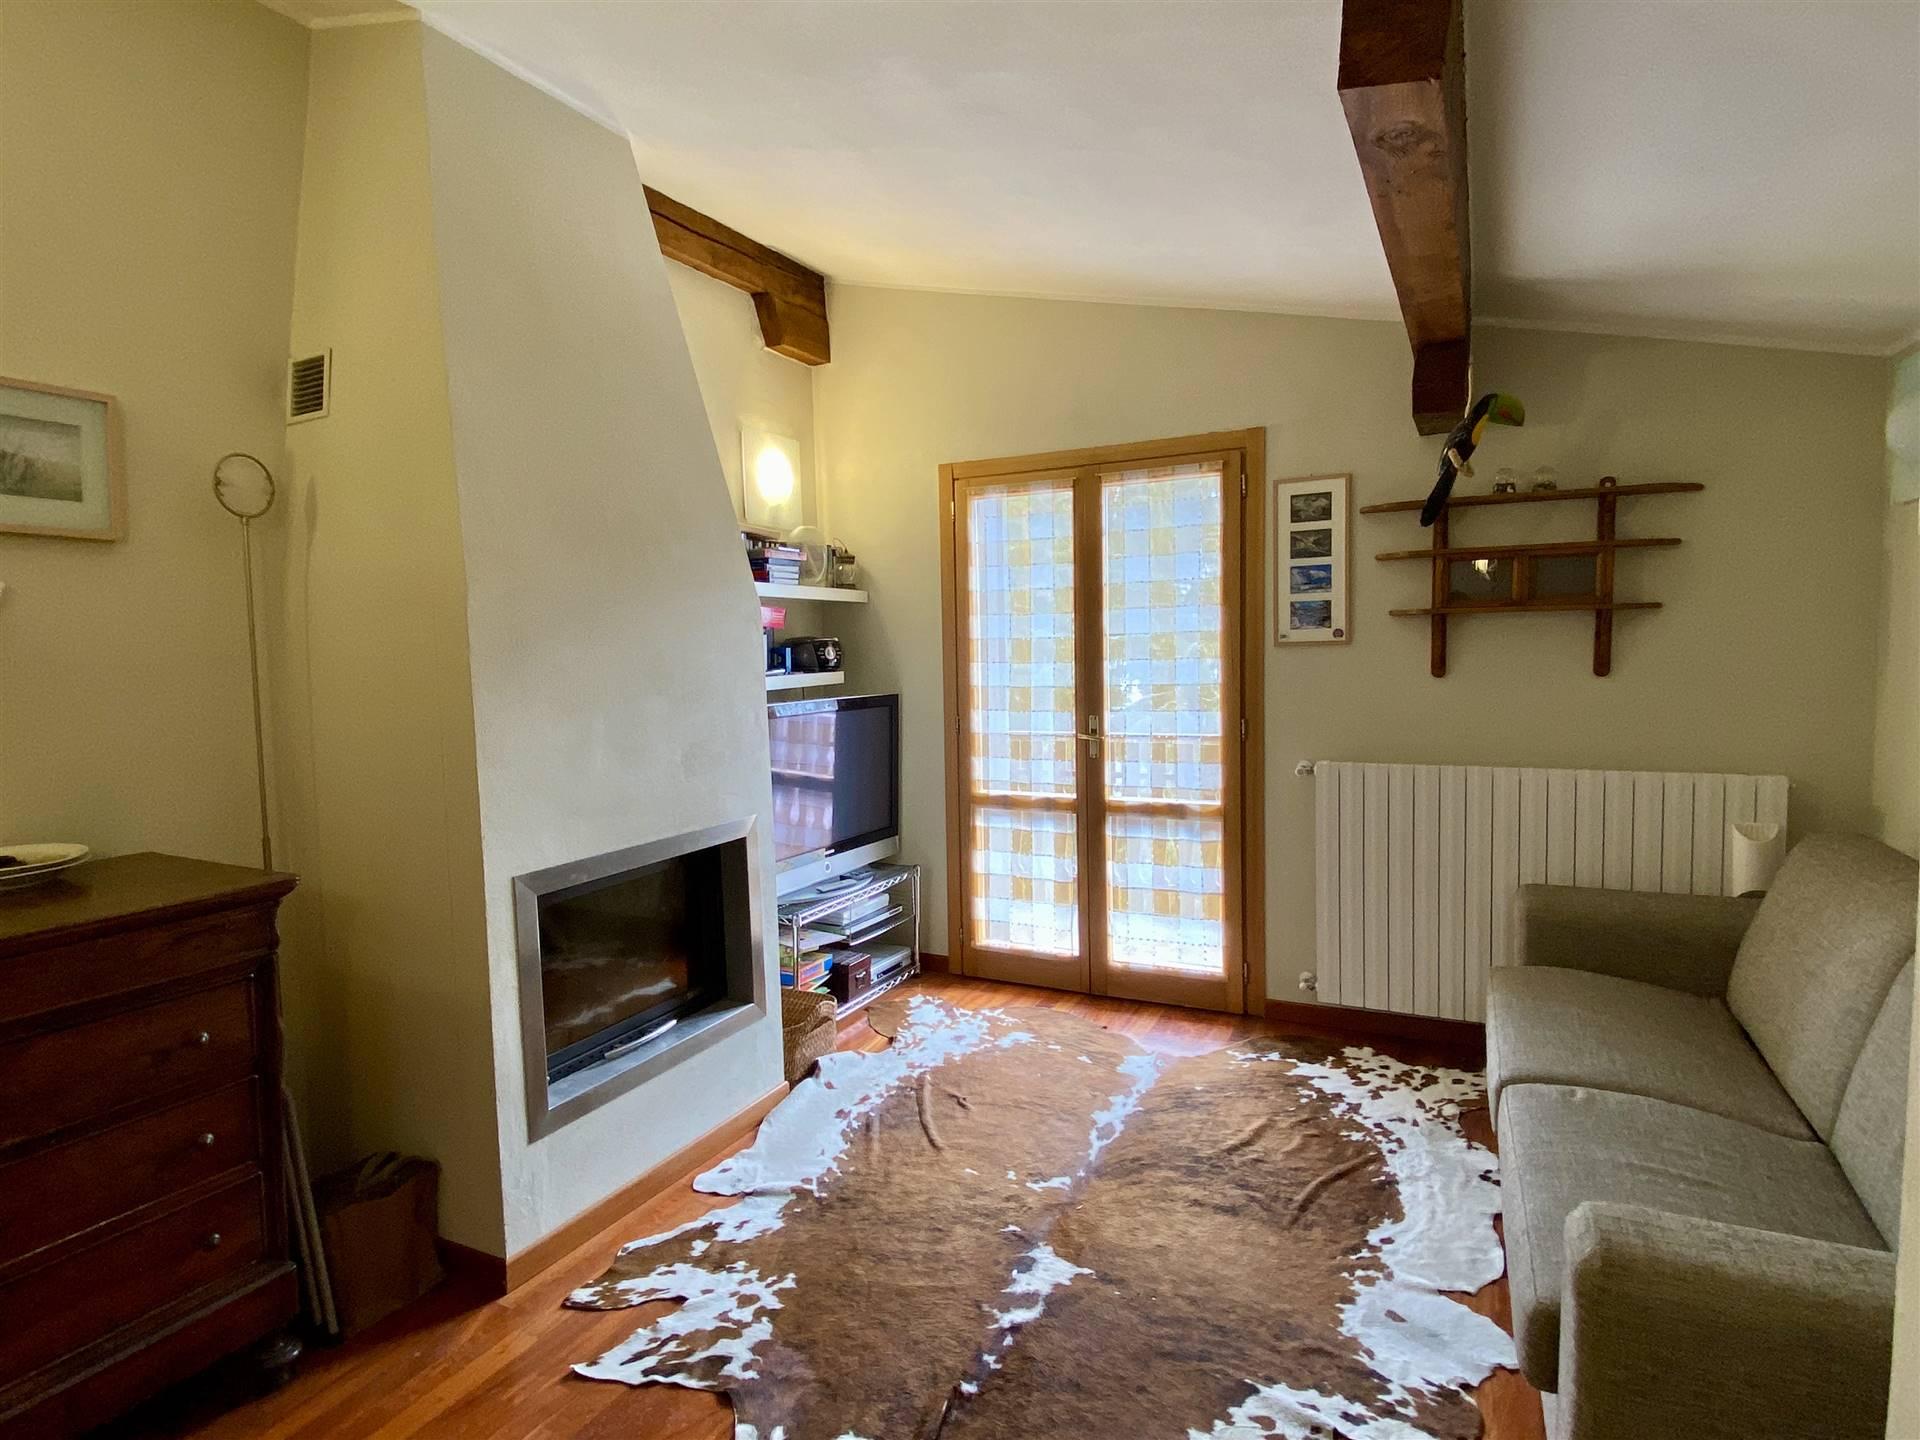 Appartamento in vendita a Foppolo, 3 locali, prezzo € 63.000 | PortaleAgenzieImmobiliari.it